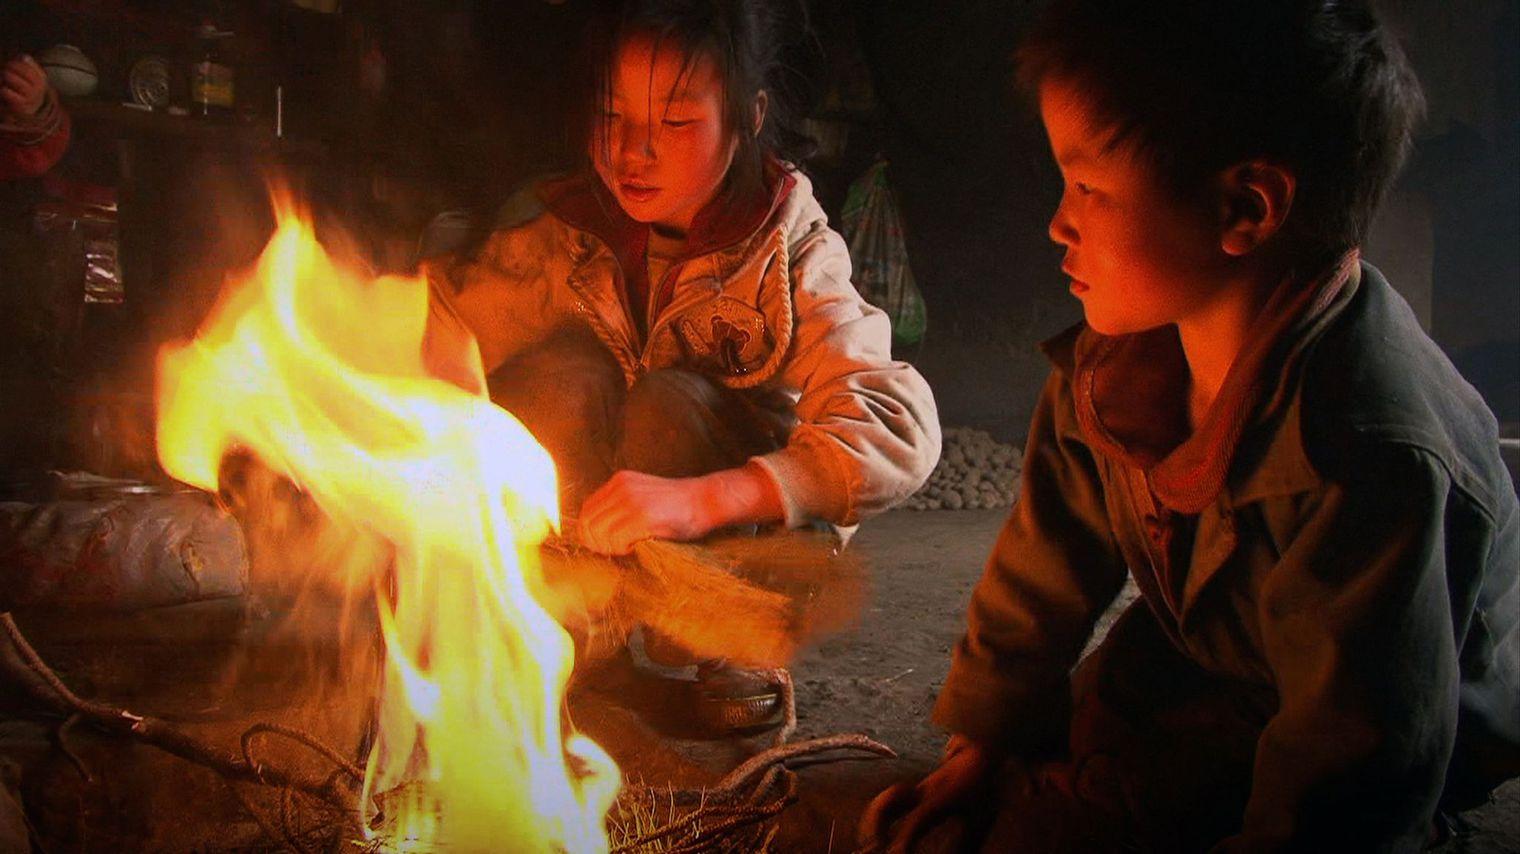 Les Trois soeurs-du Yunnan (Wang Bing, 2013).